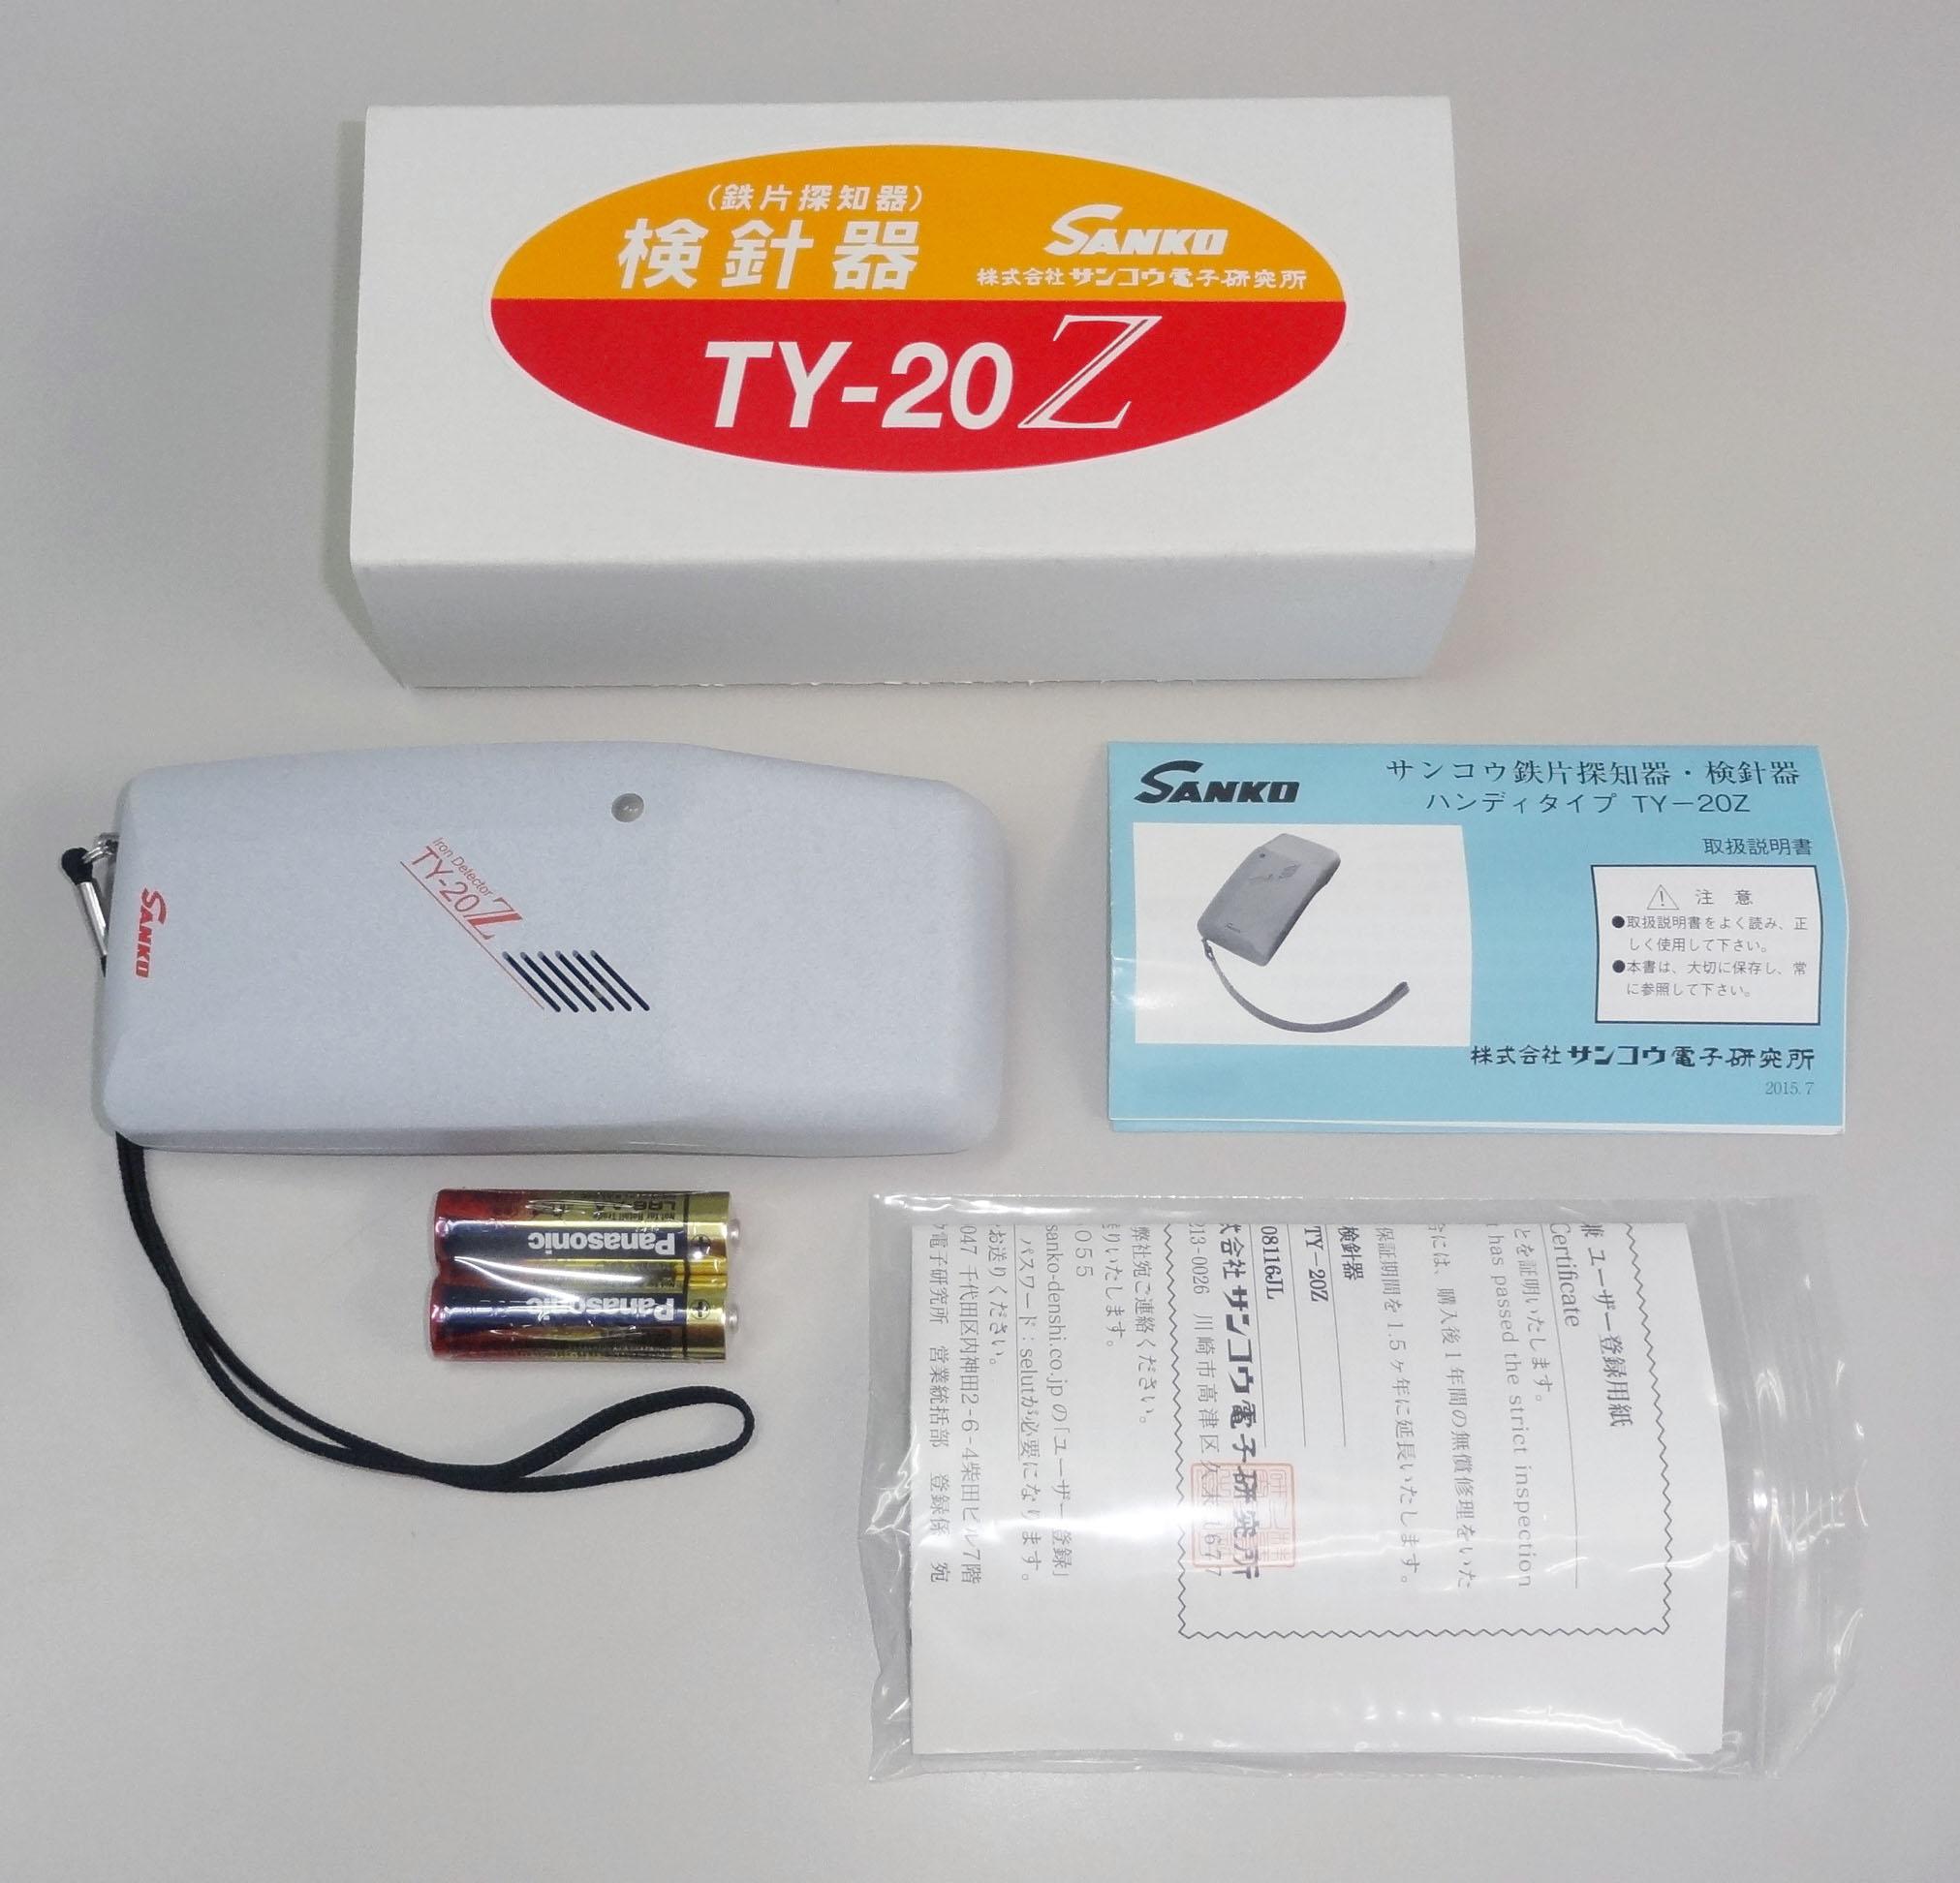 【送料無料】 ハンディタイプ検針器 (鉄片探知器)  サンコウ電子製